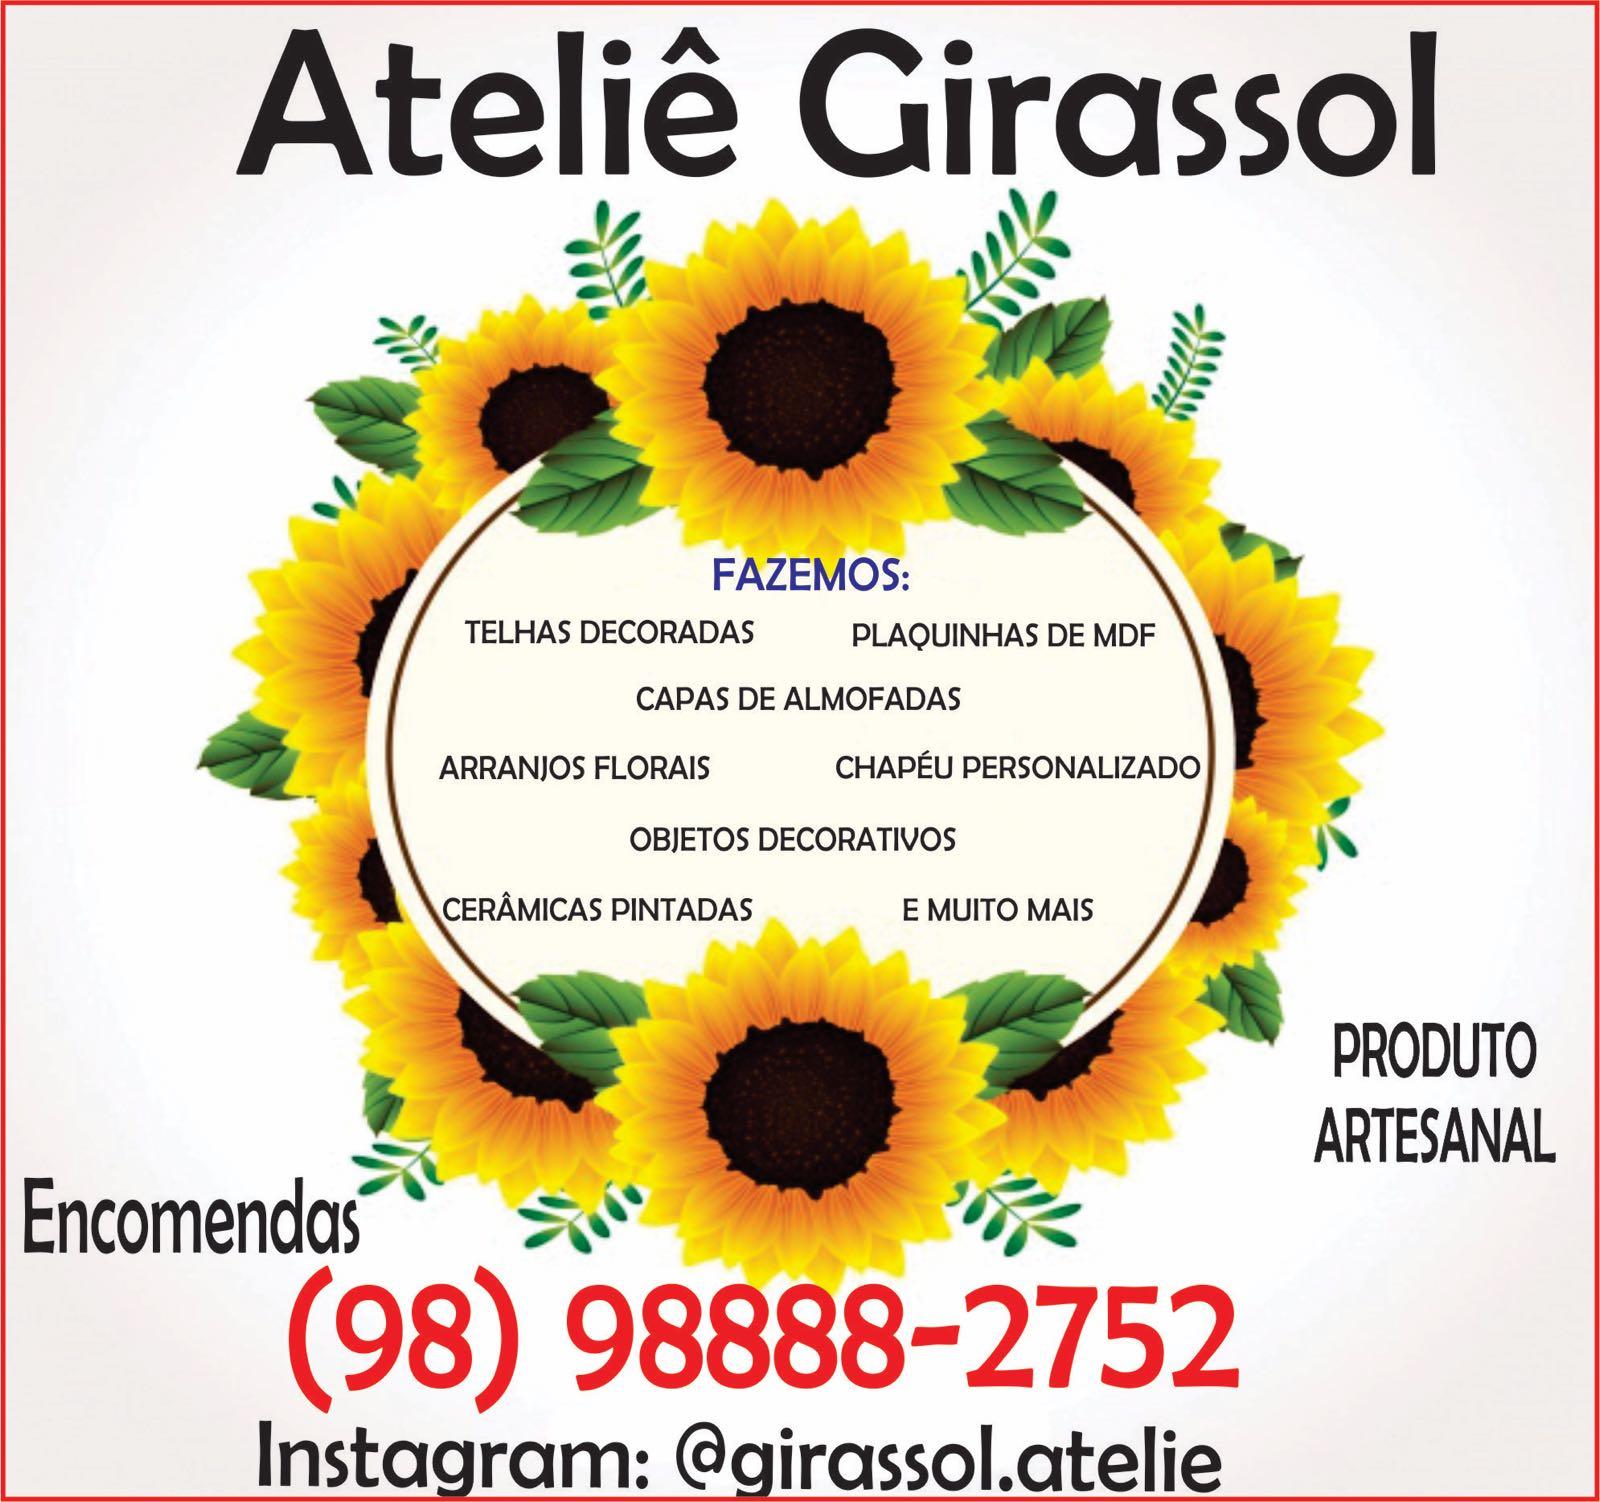 Ateliê Girassol